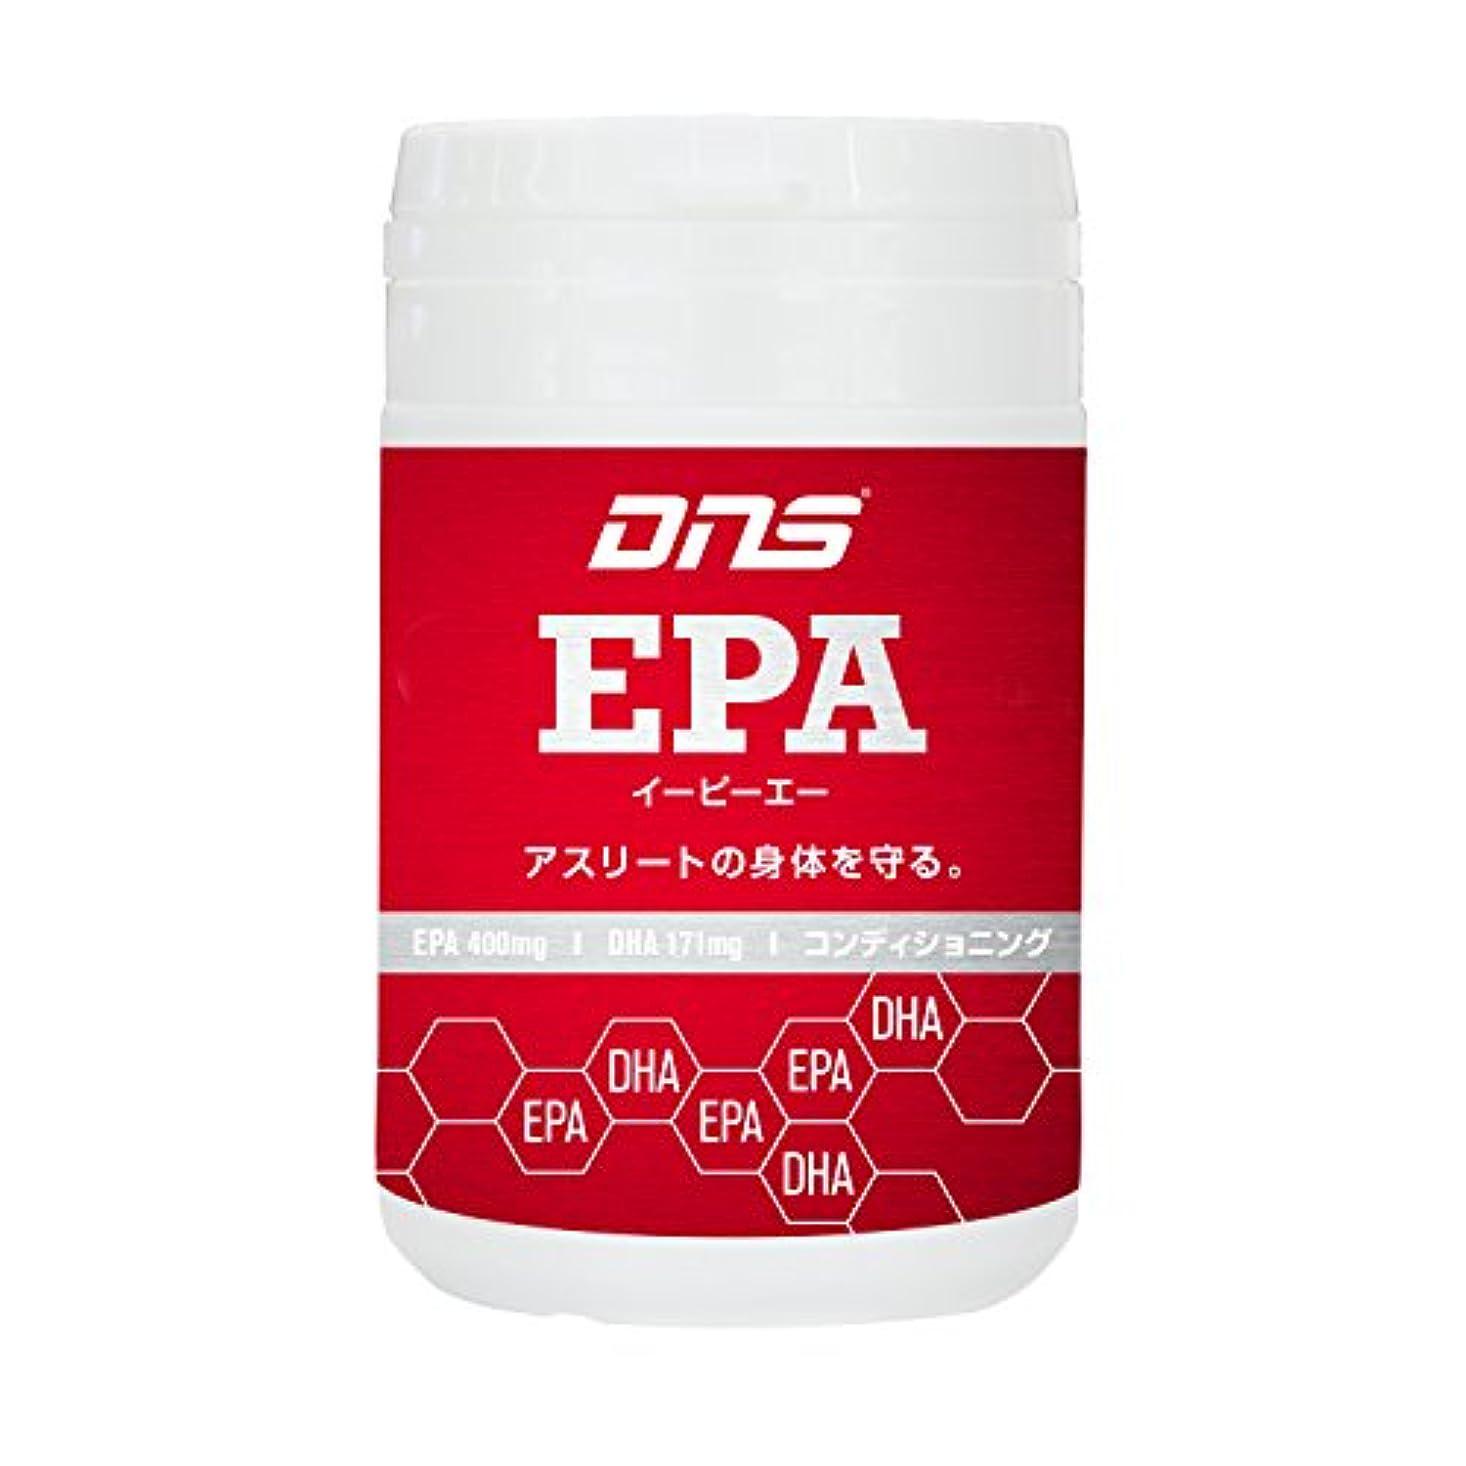 ゴシップ集める効能あるDNS EPA